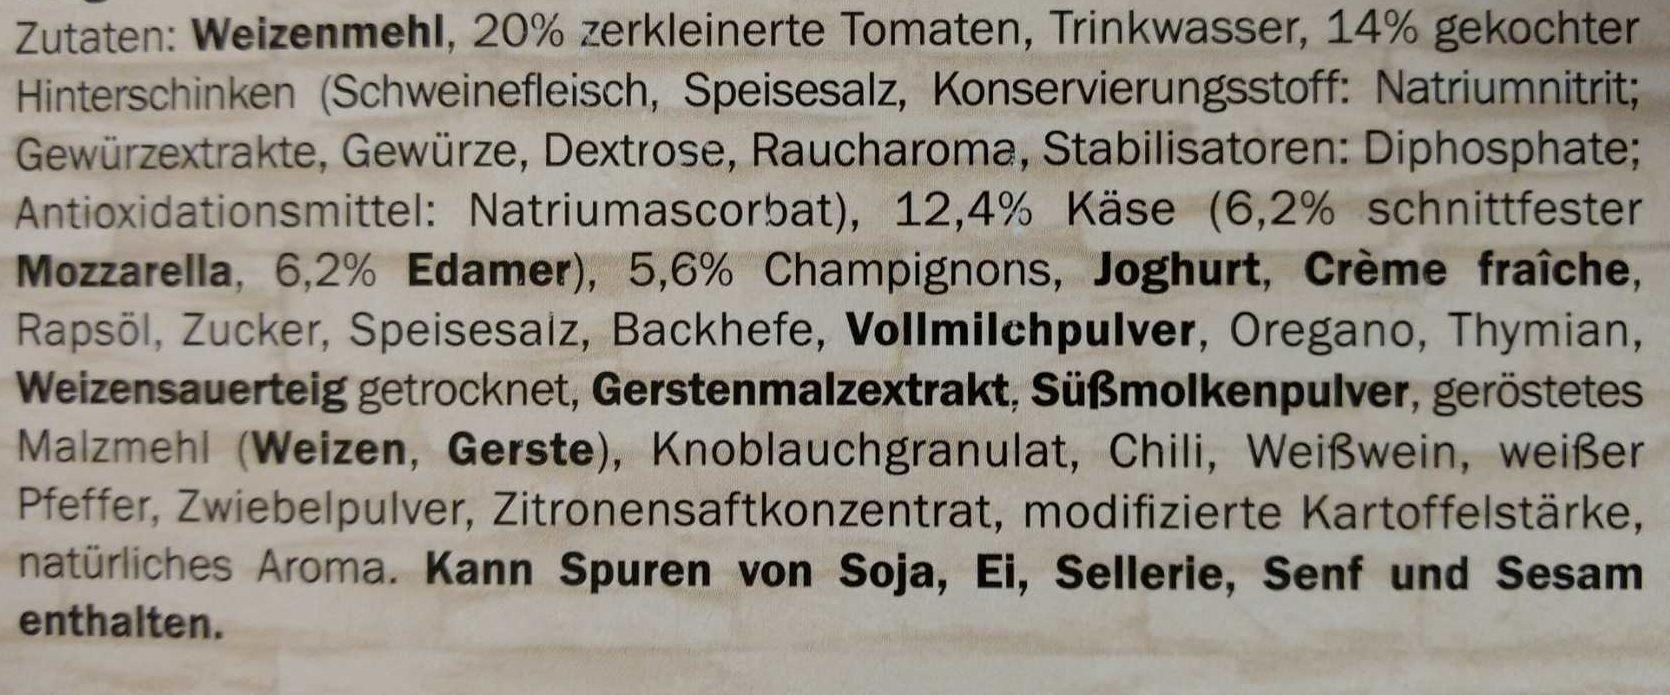 Pizza Deliziosa Schinken-Champignon - Ingrédients - de